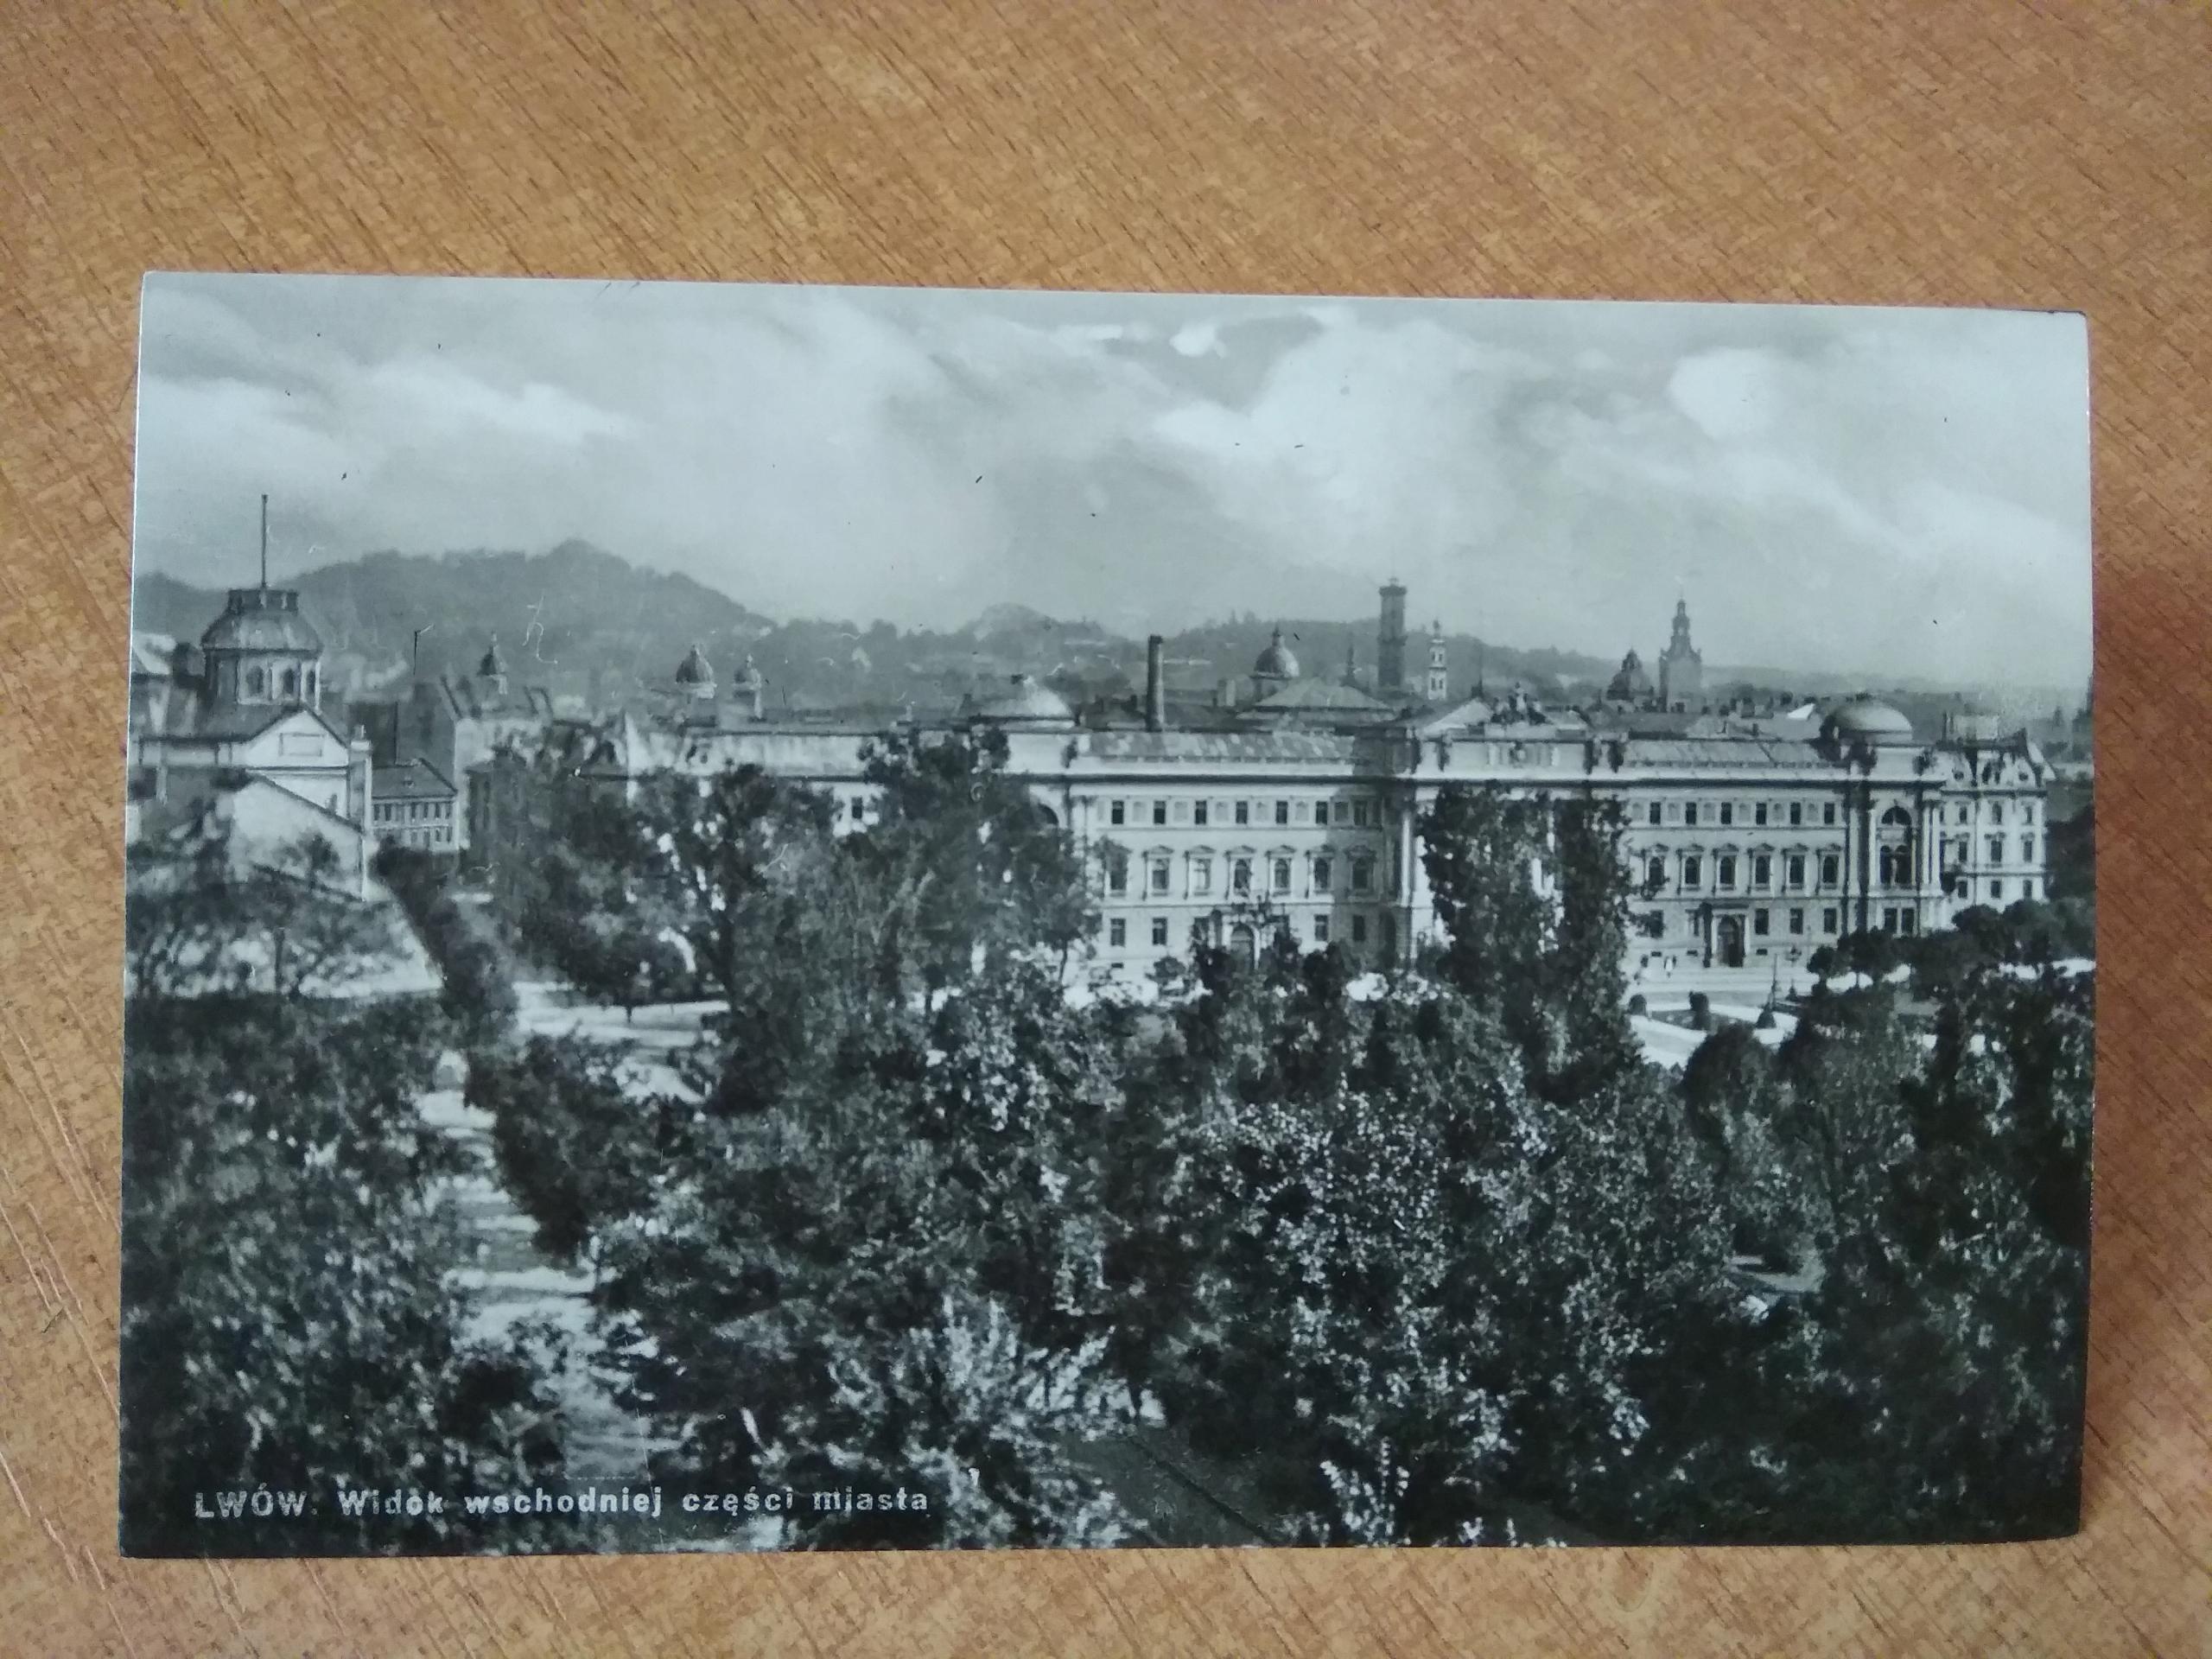 Львов Вид на восточную часть города 1930 г.